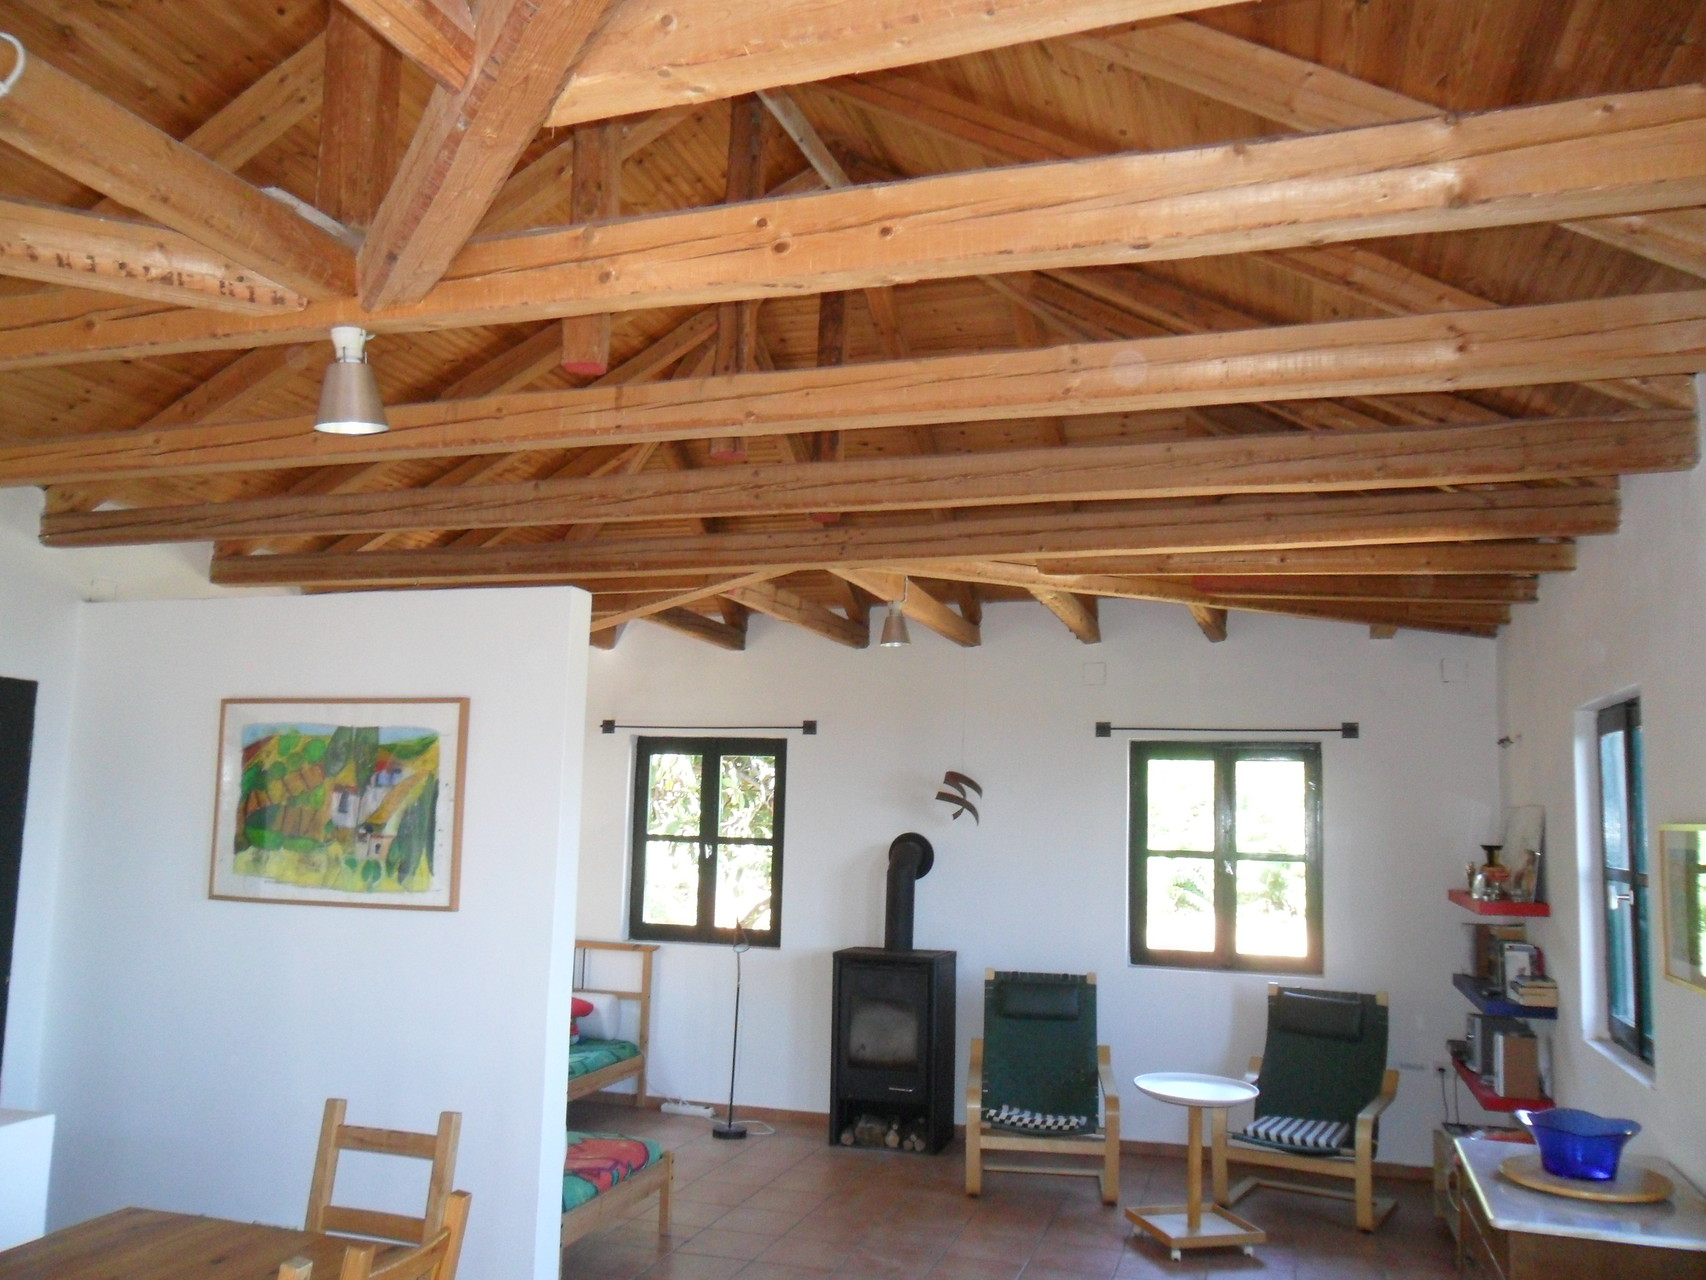 Wohnraum mit offenen Dachstuhl (Galerieatmosphäre)